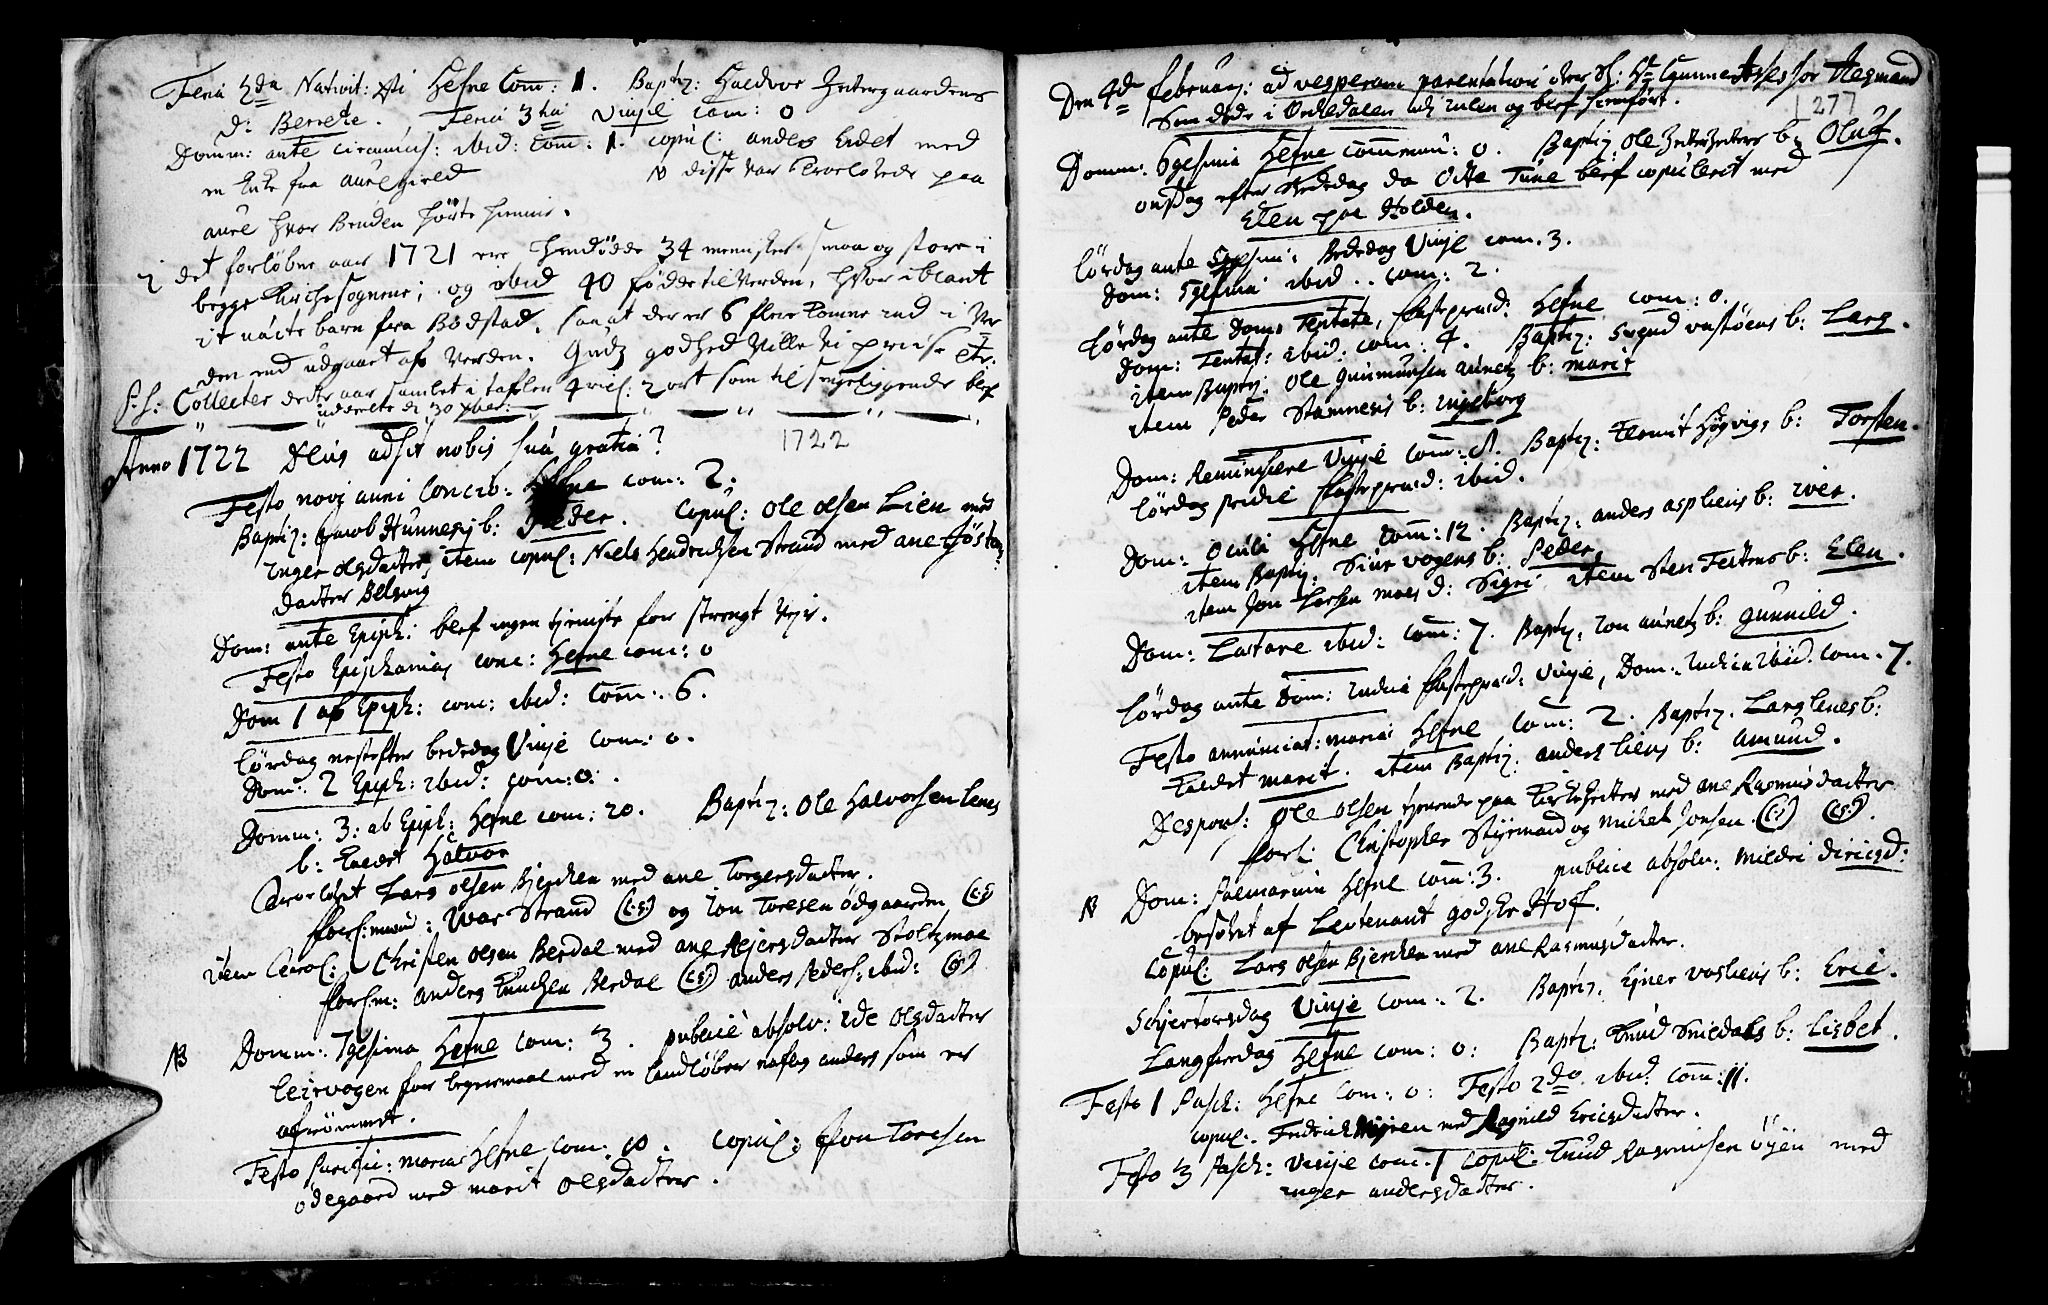 SAT, Ministerialprotokoller, klokkerbøker og fødselsregistre - Sør-Trøndelag, 630/L0488: Ministerialbok nr. 630A01, 1717-1756, s. 26-27